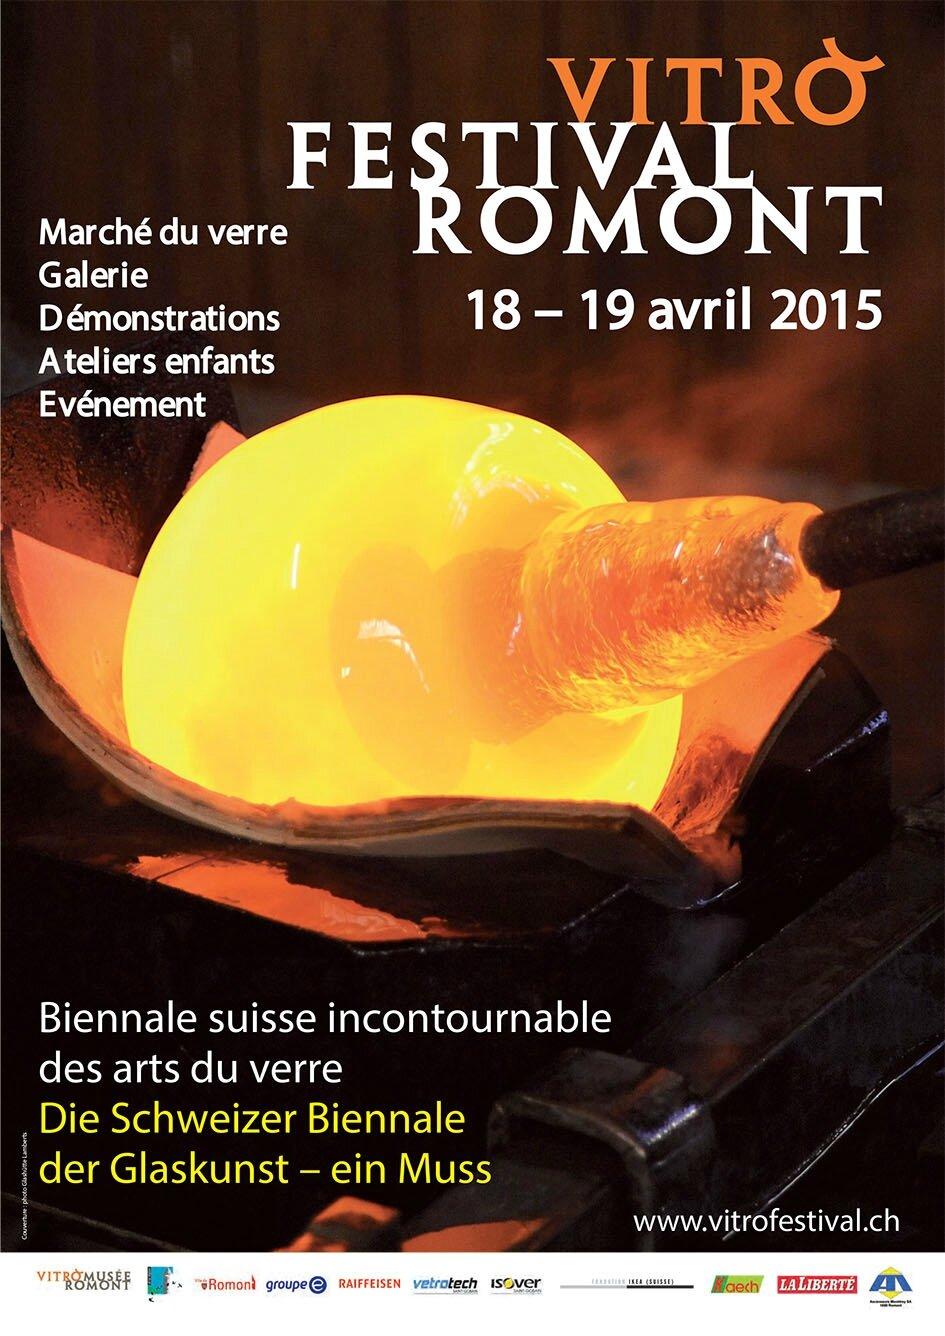 VITROFESTIVAL DE ROMONT, AVRIL 2015